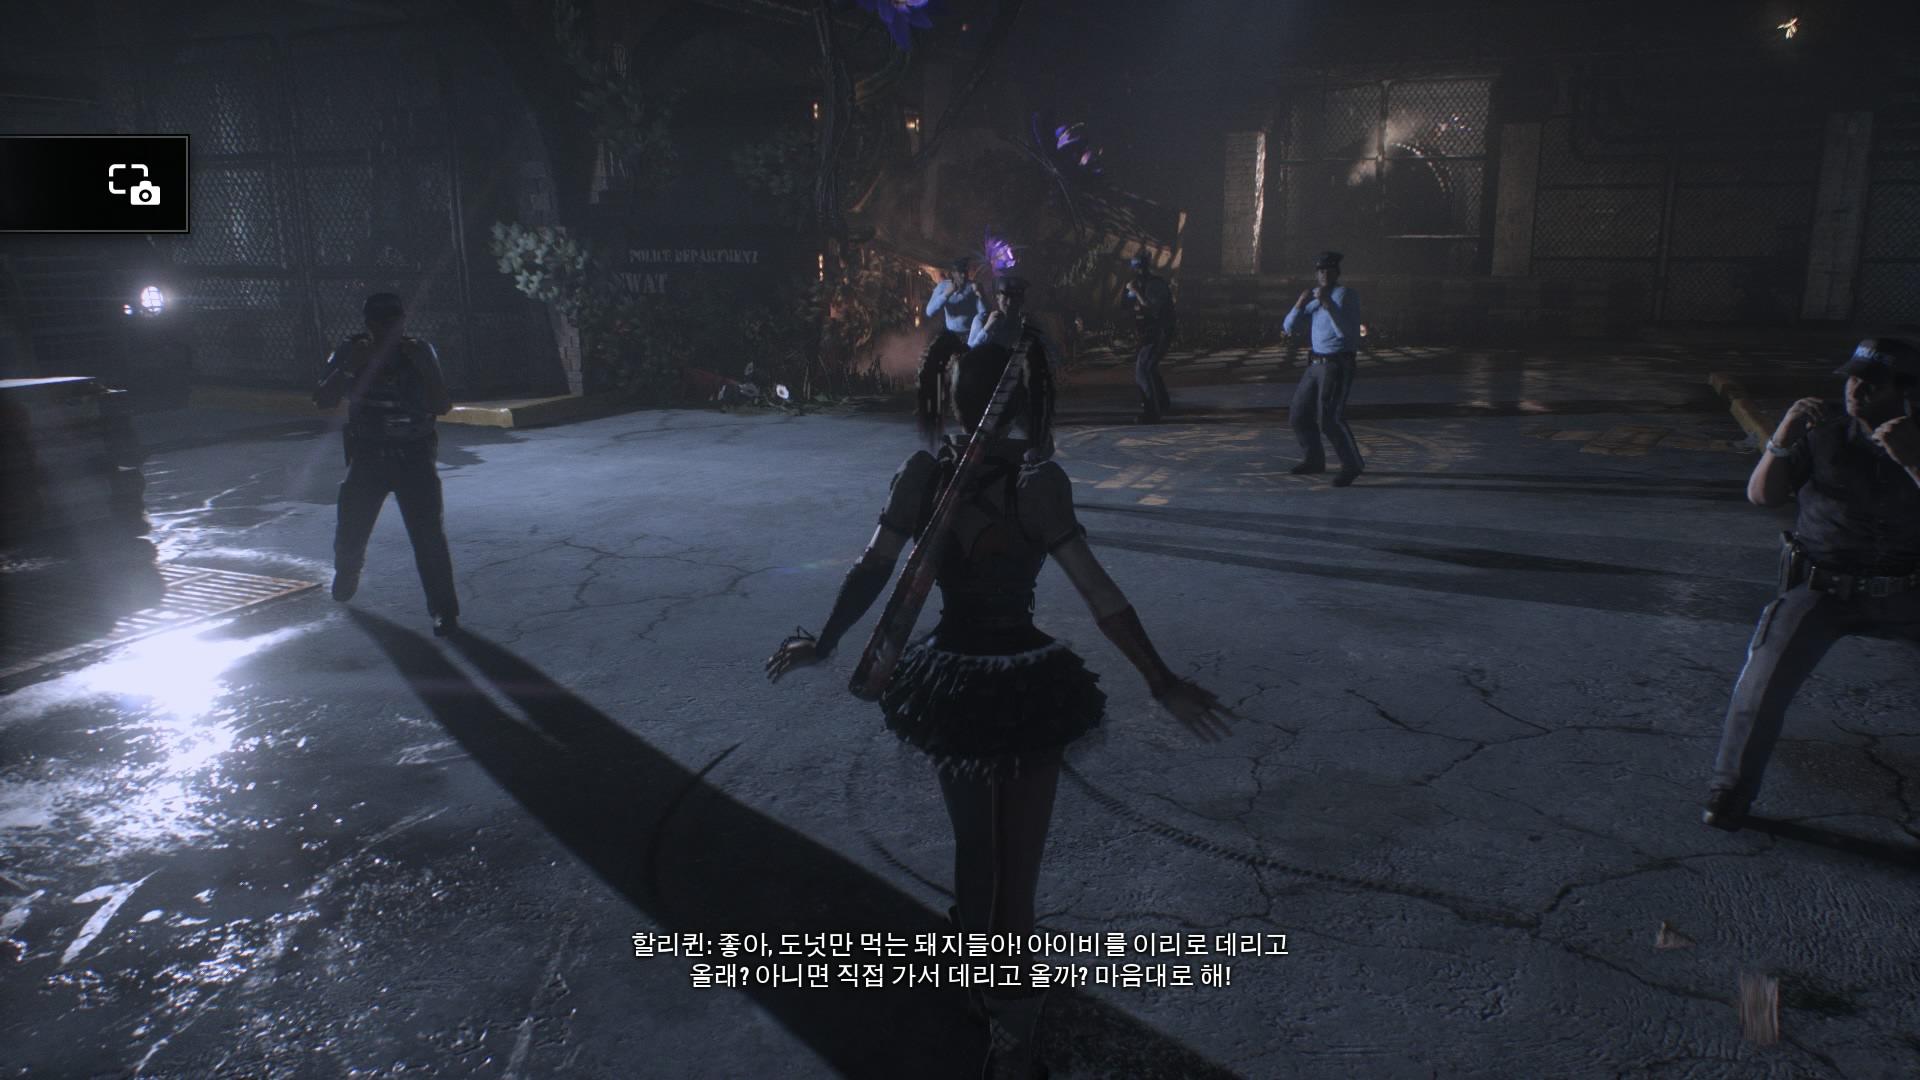 배트맨 아캄 나이트 할리퀸 DLC 스샷 (PS4)